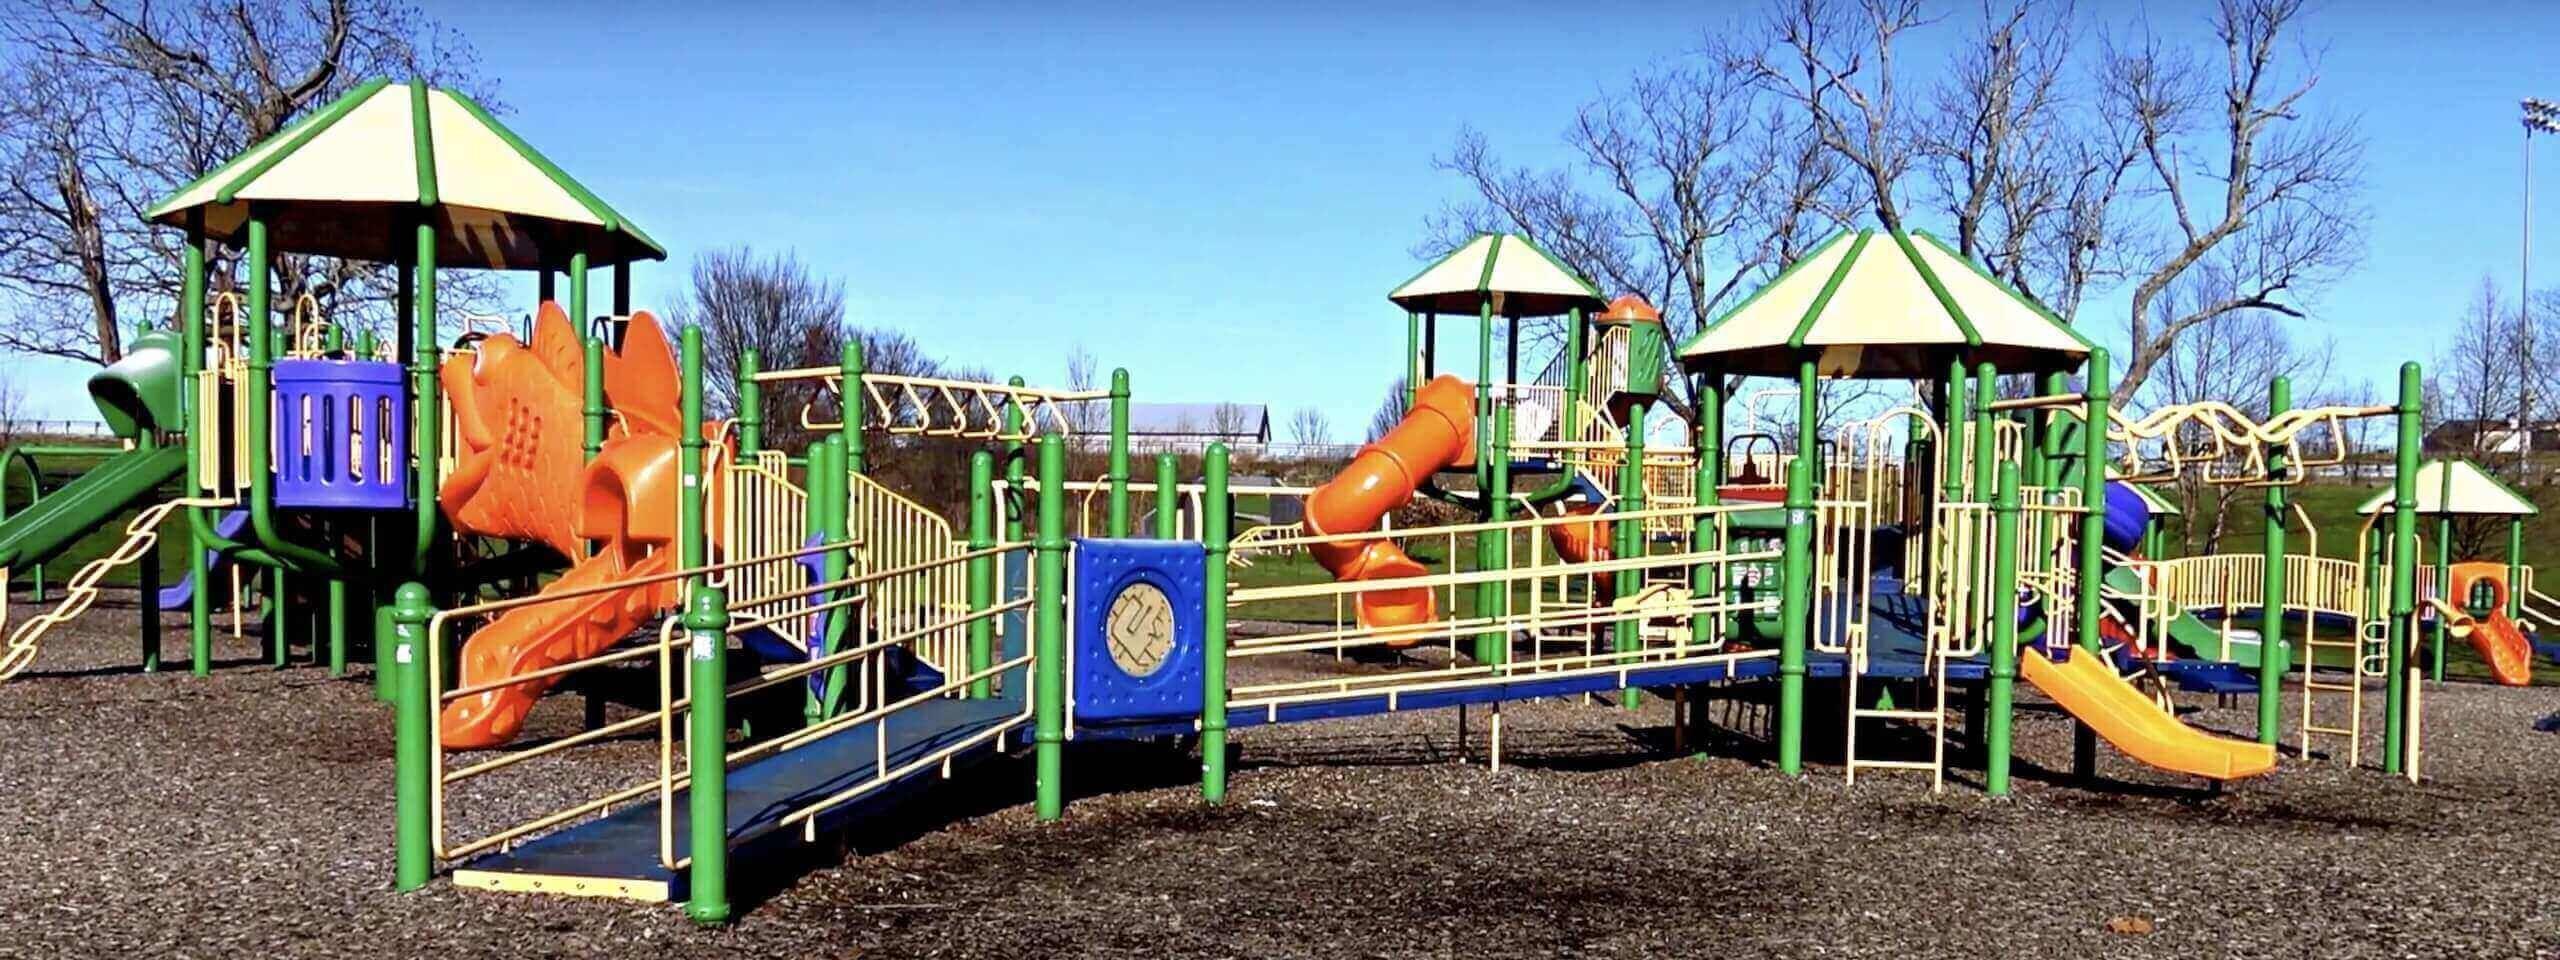 Camera ColorVu ứng dụng cho Công viên và khu giải trí